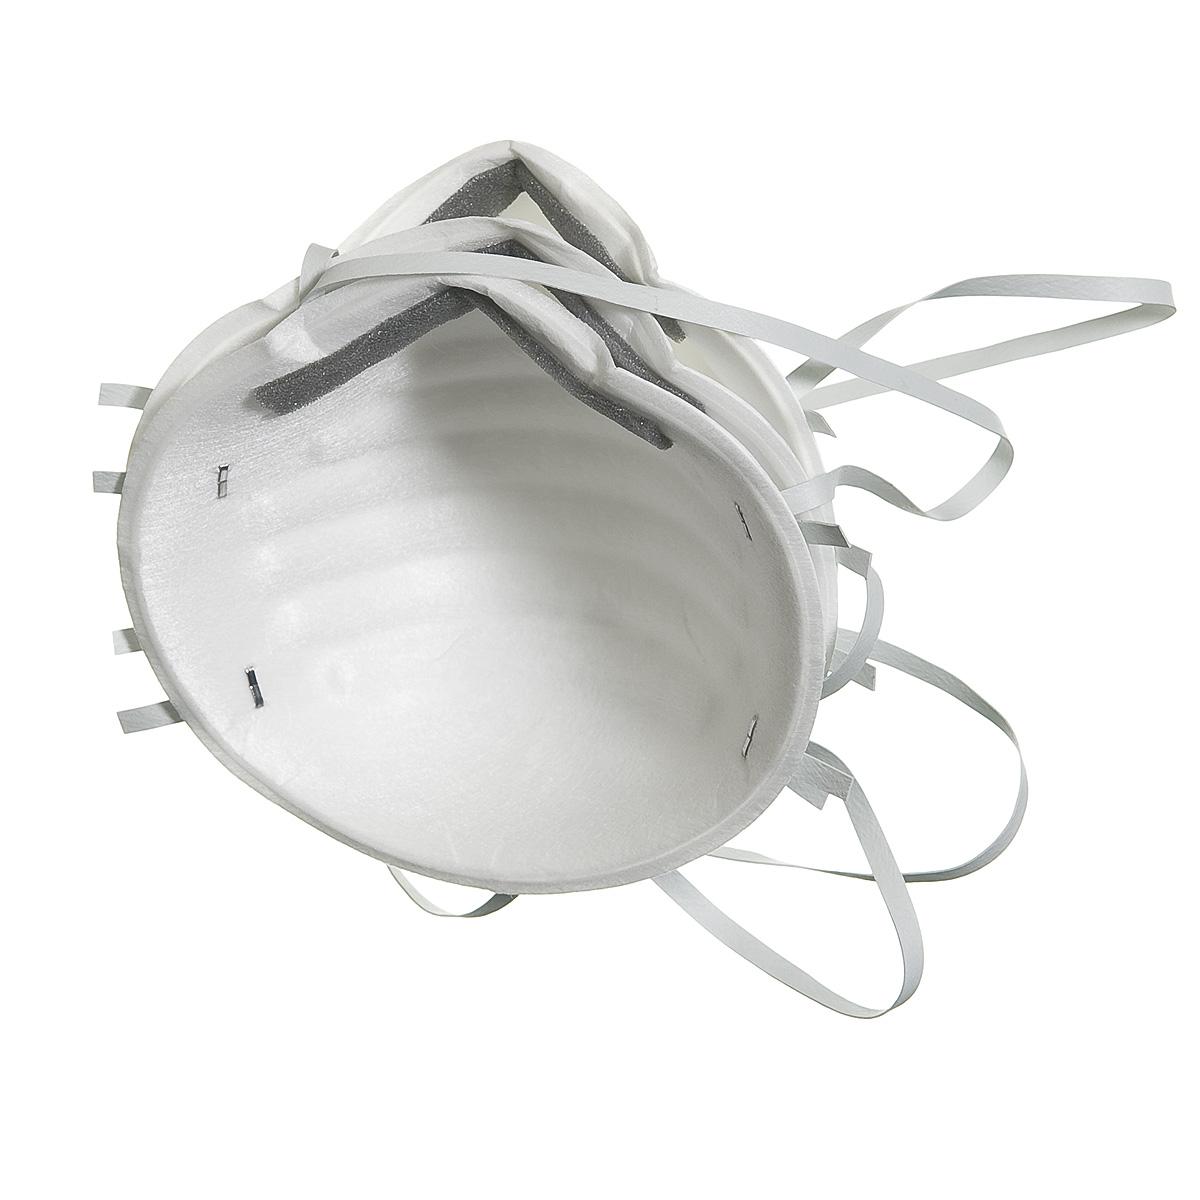 Респиратор формованный  (FFP1)  3М, упаковка  3 шт Профи